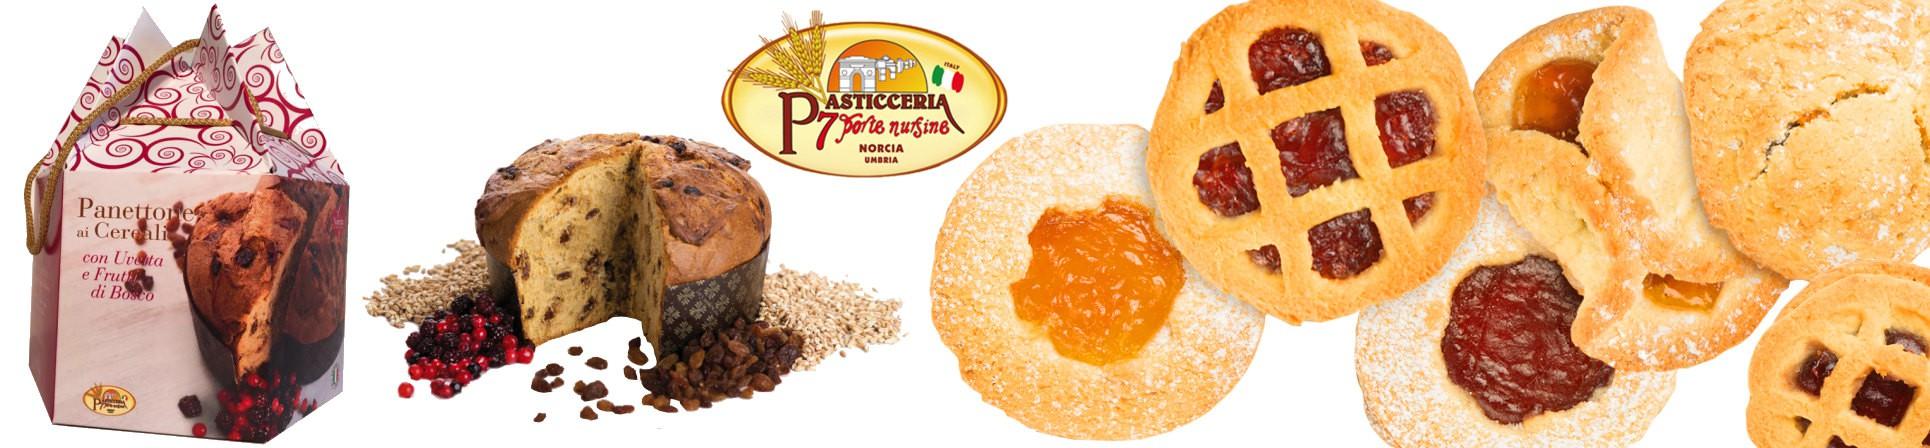 B2B GUSTOX - il Marketplace all'ingrosso delle eccellenze agroalimentari italiane - Panettone e Biscotti - Dolciaria Severini